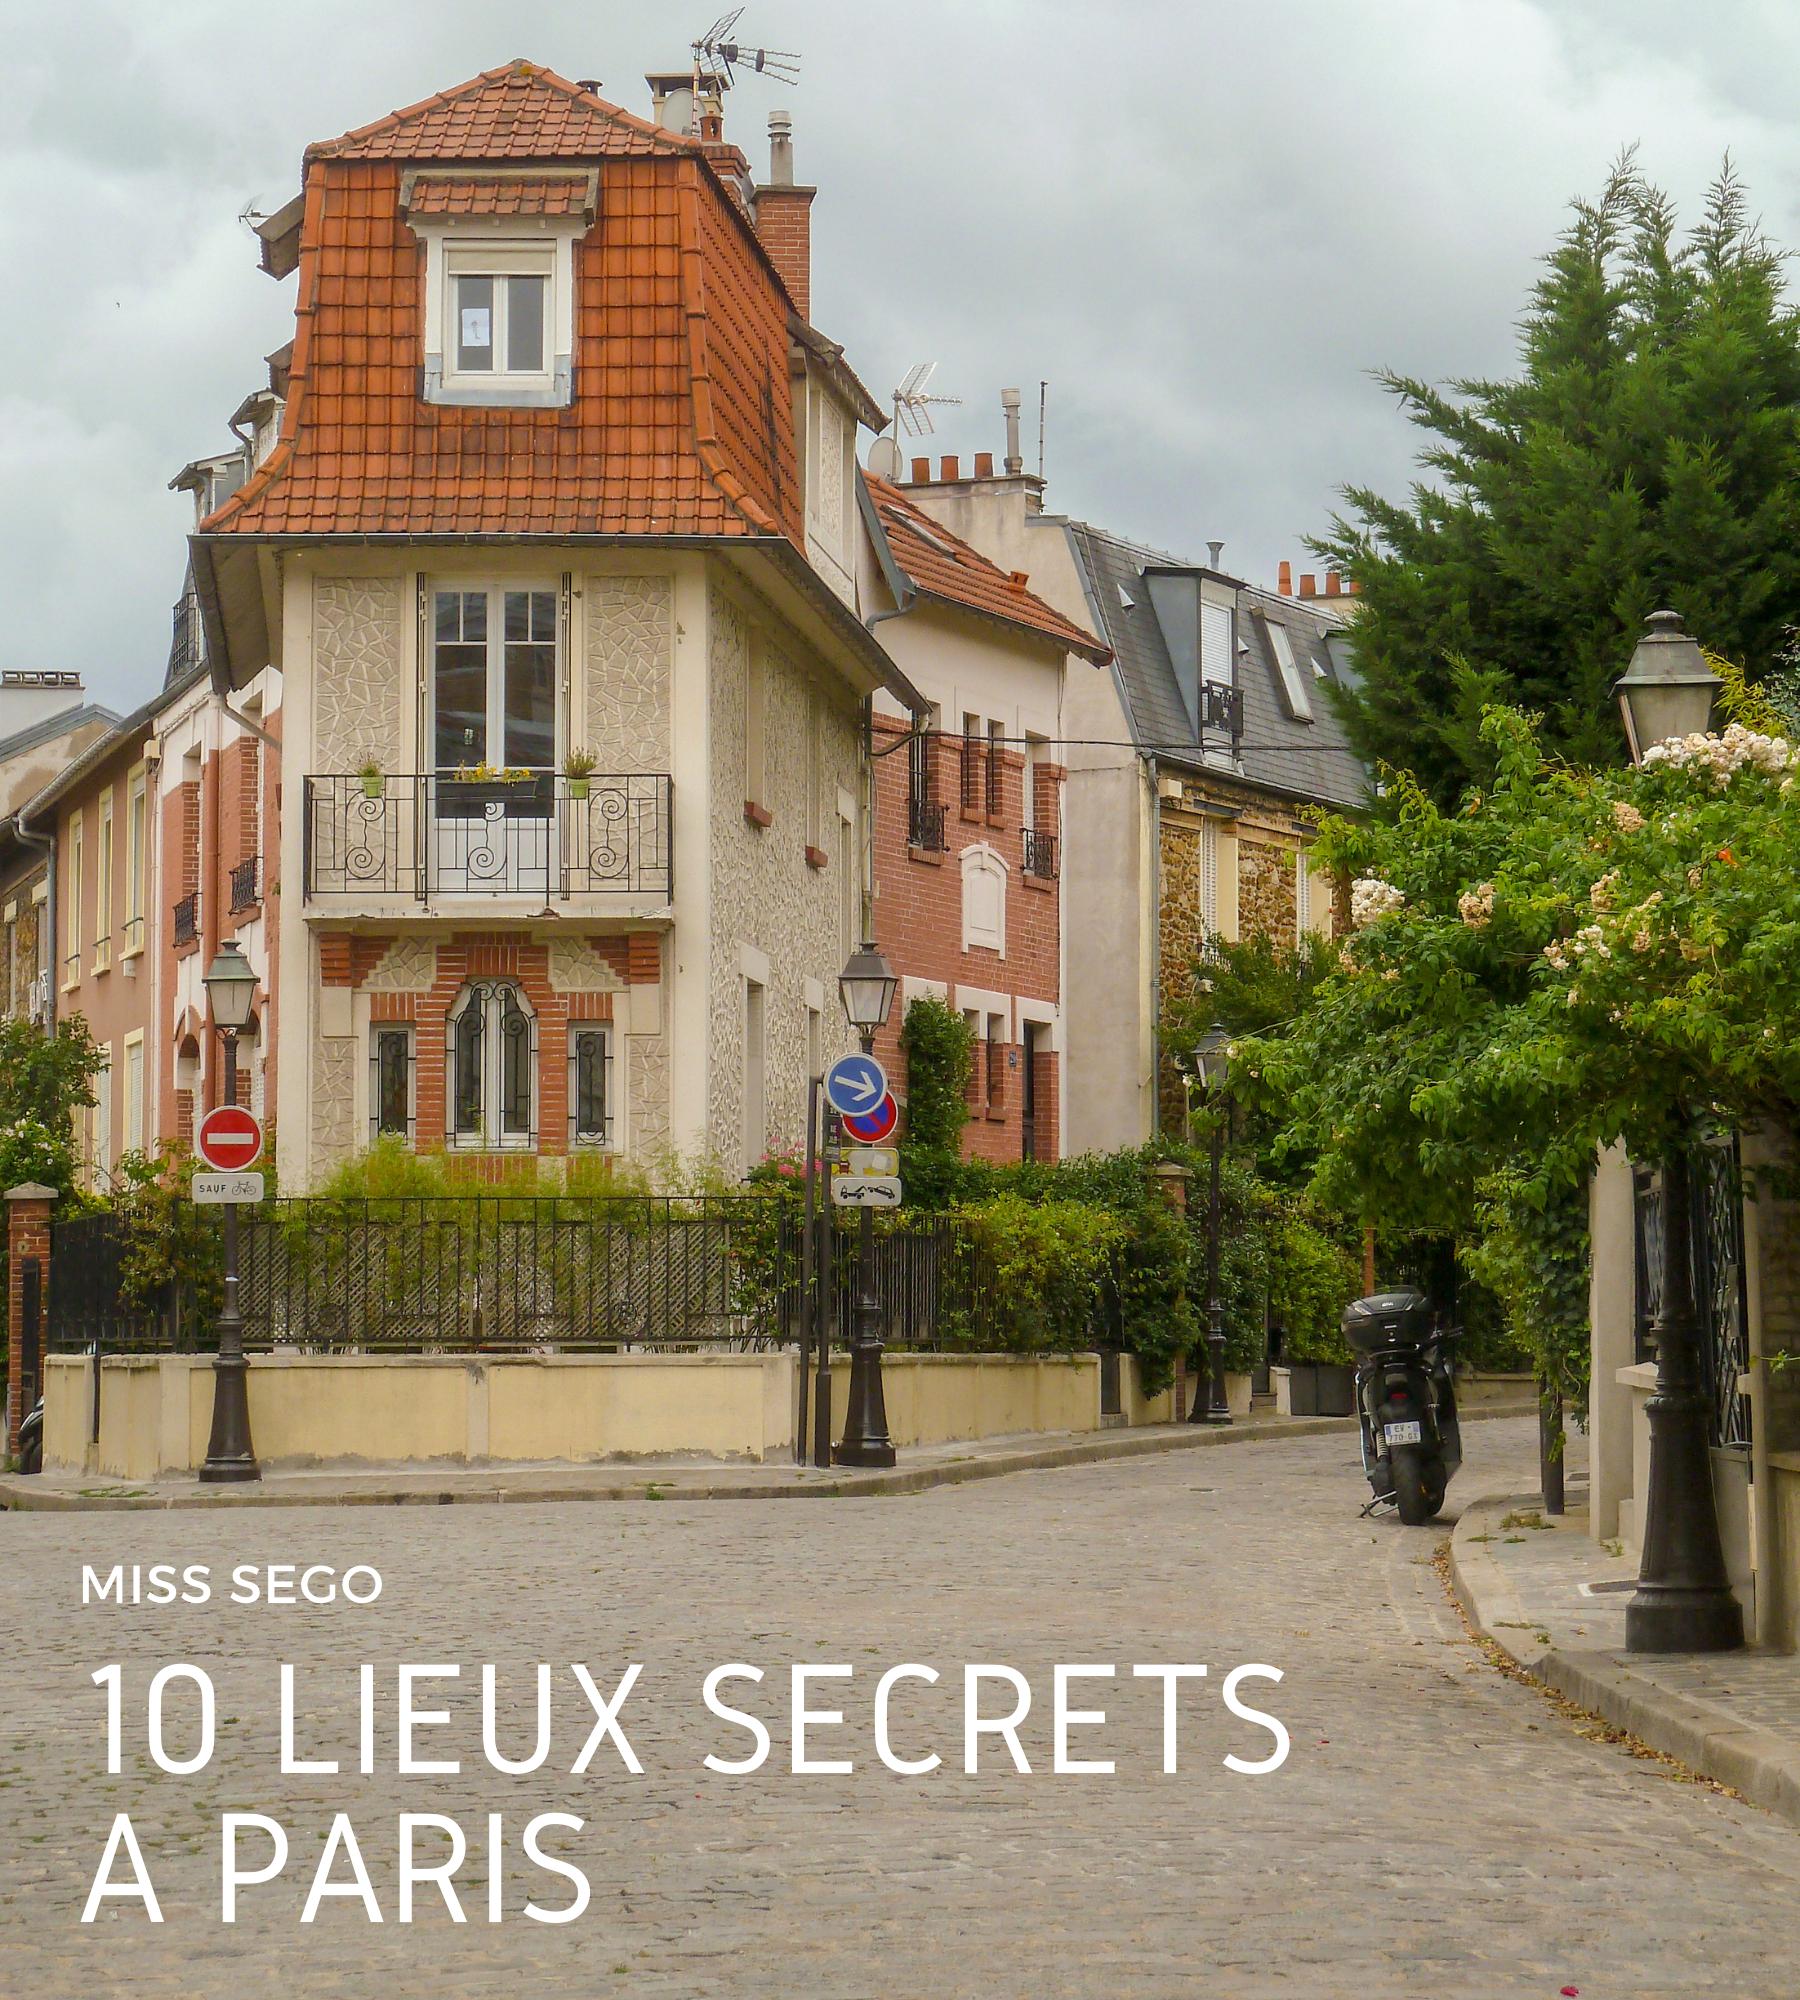 10 lieux secrets à Paris